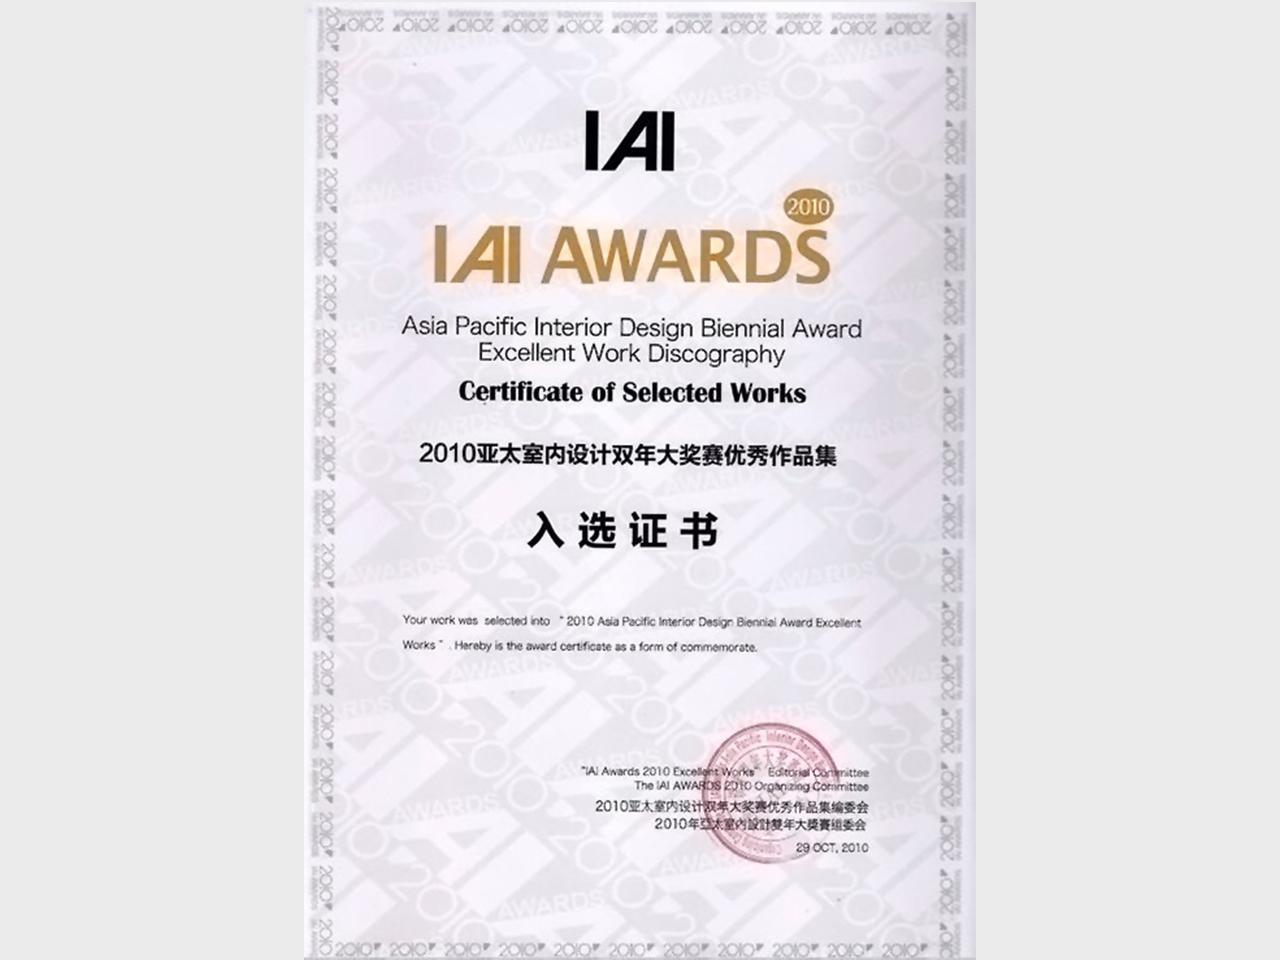 2010年荣获度亚太室内设计双年大奖赛入选优秀作品集